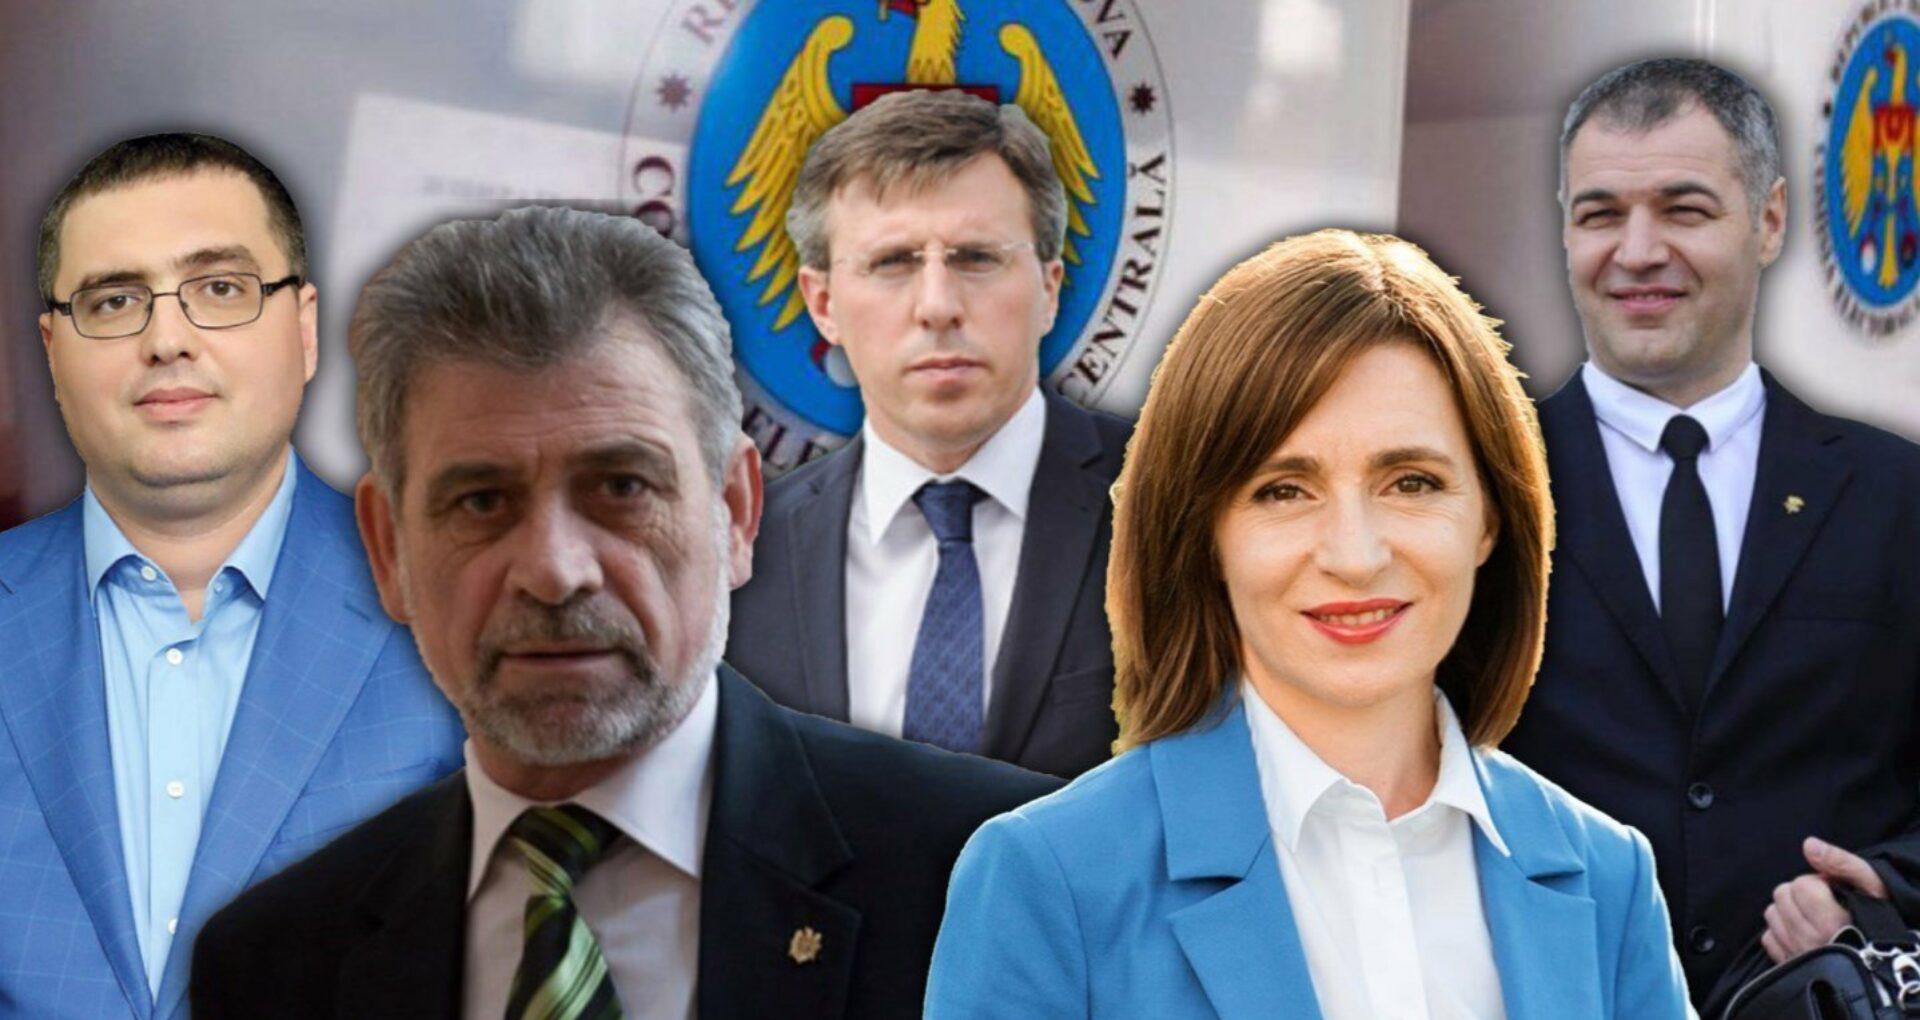 Scrisoare semnată de Sandu, Usatîi, Chirtoacă, Țîcu și Deliu, către comunitatea internațională:  Dodon intenționează să fraudeze alegerile